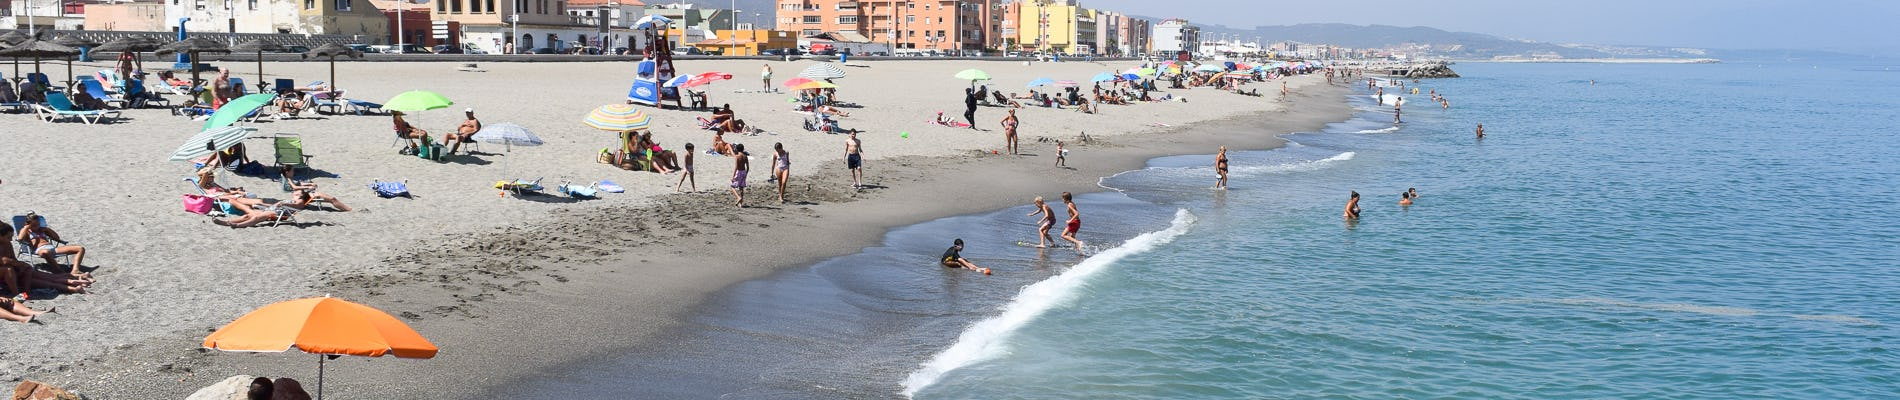 Playa De Levante Costa Del Sol Pictures Videos Amp Insider Tips